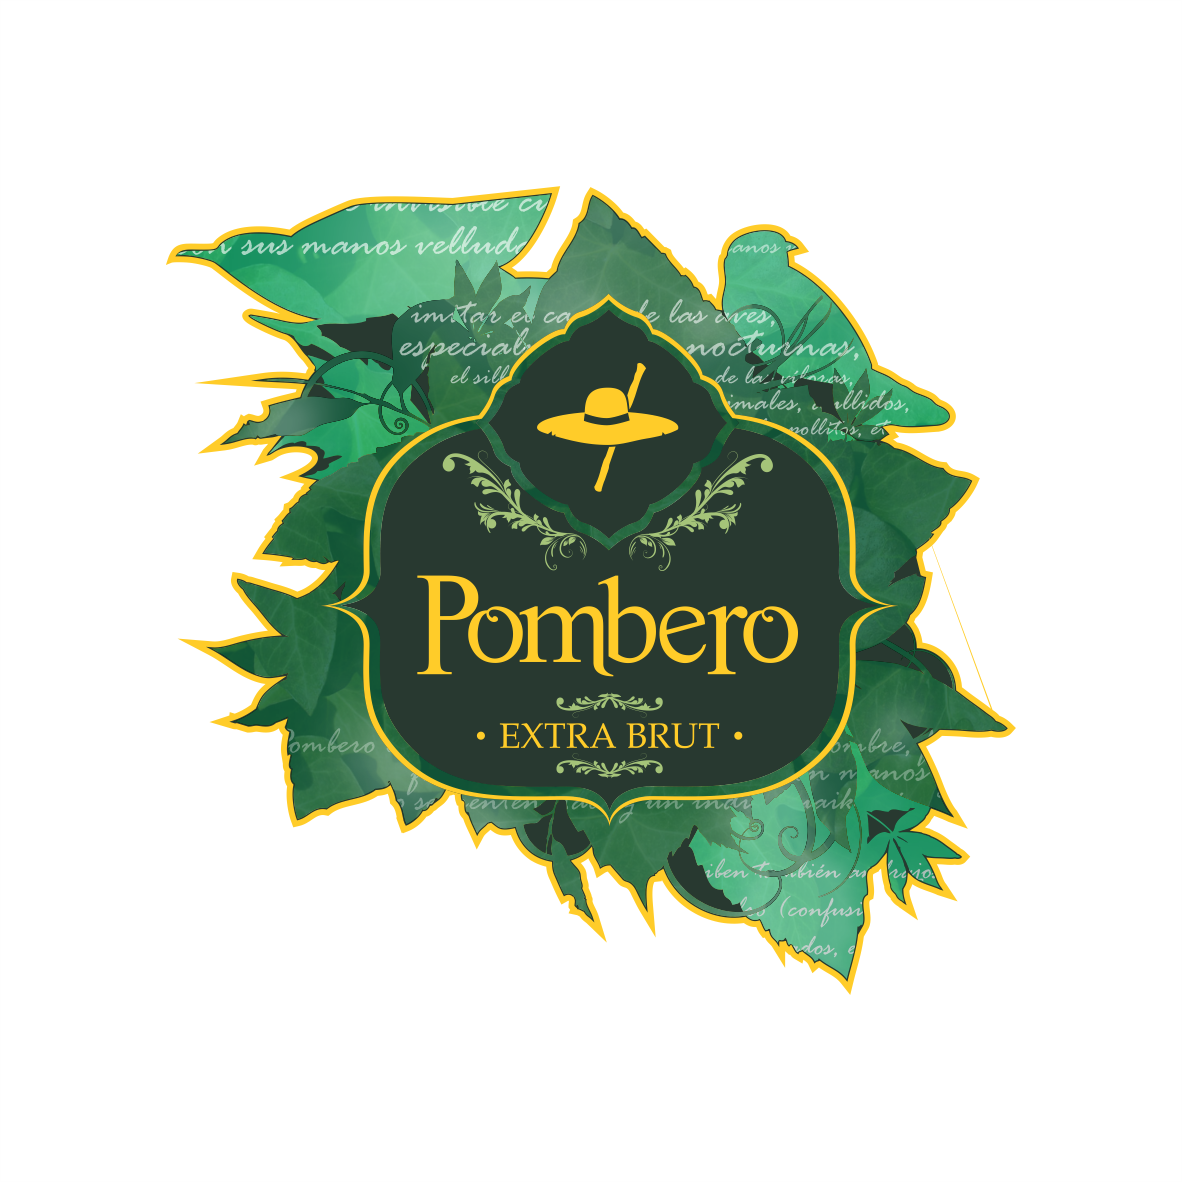 Pombero Champán